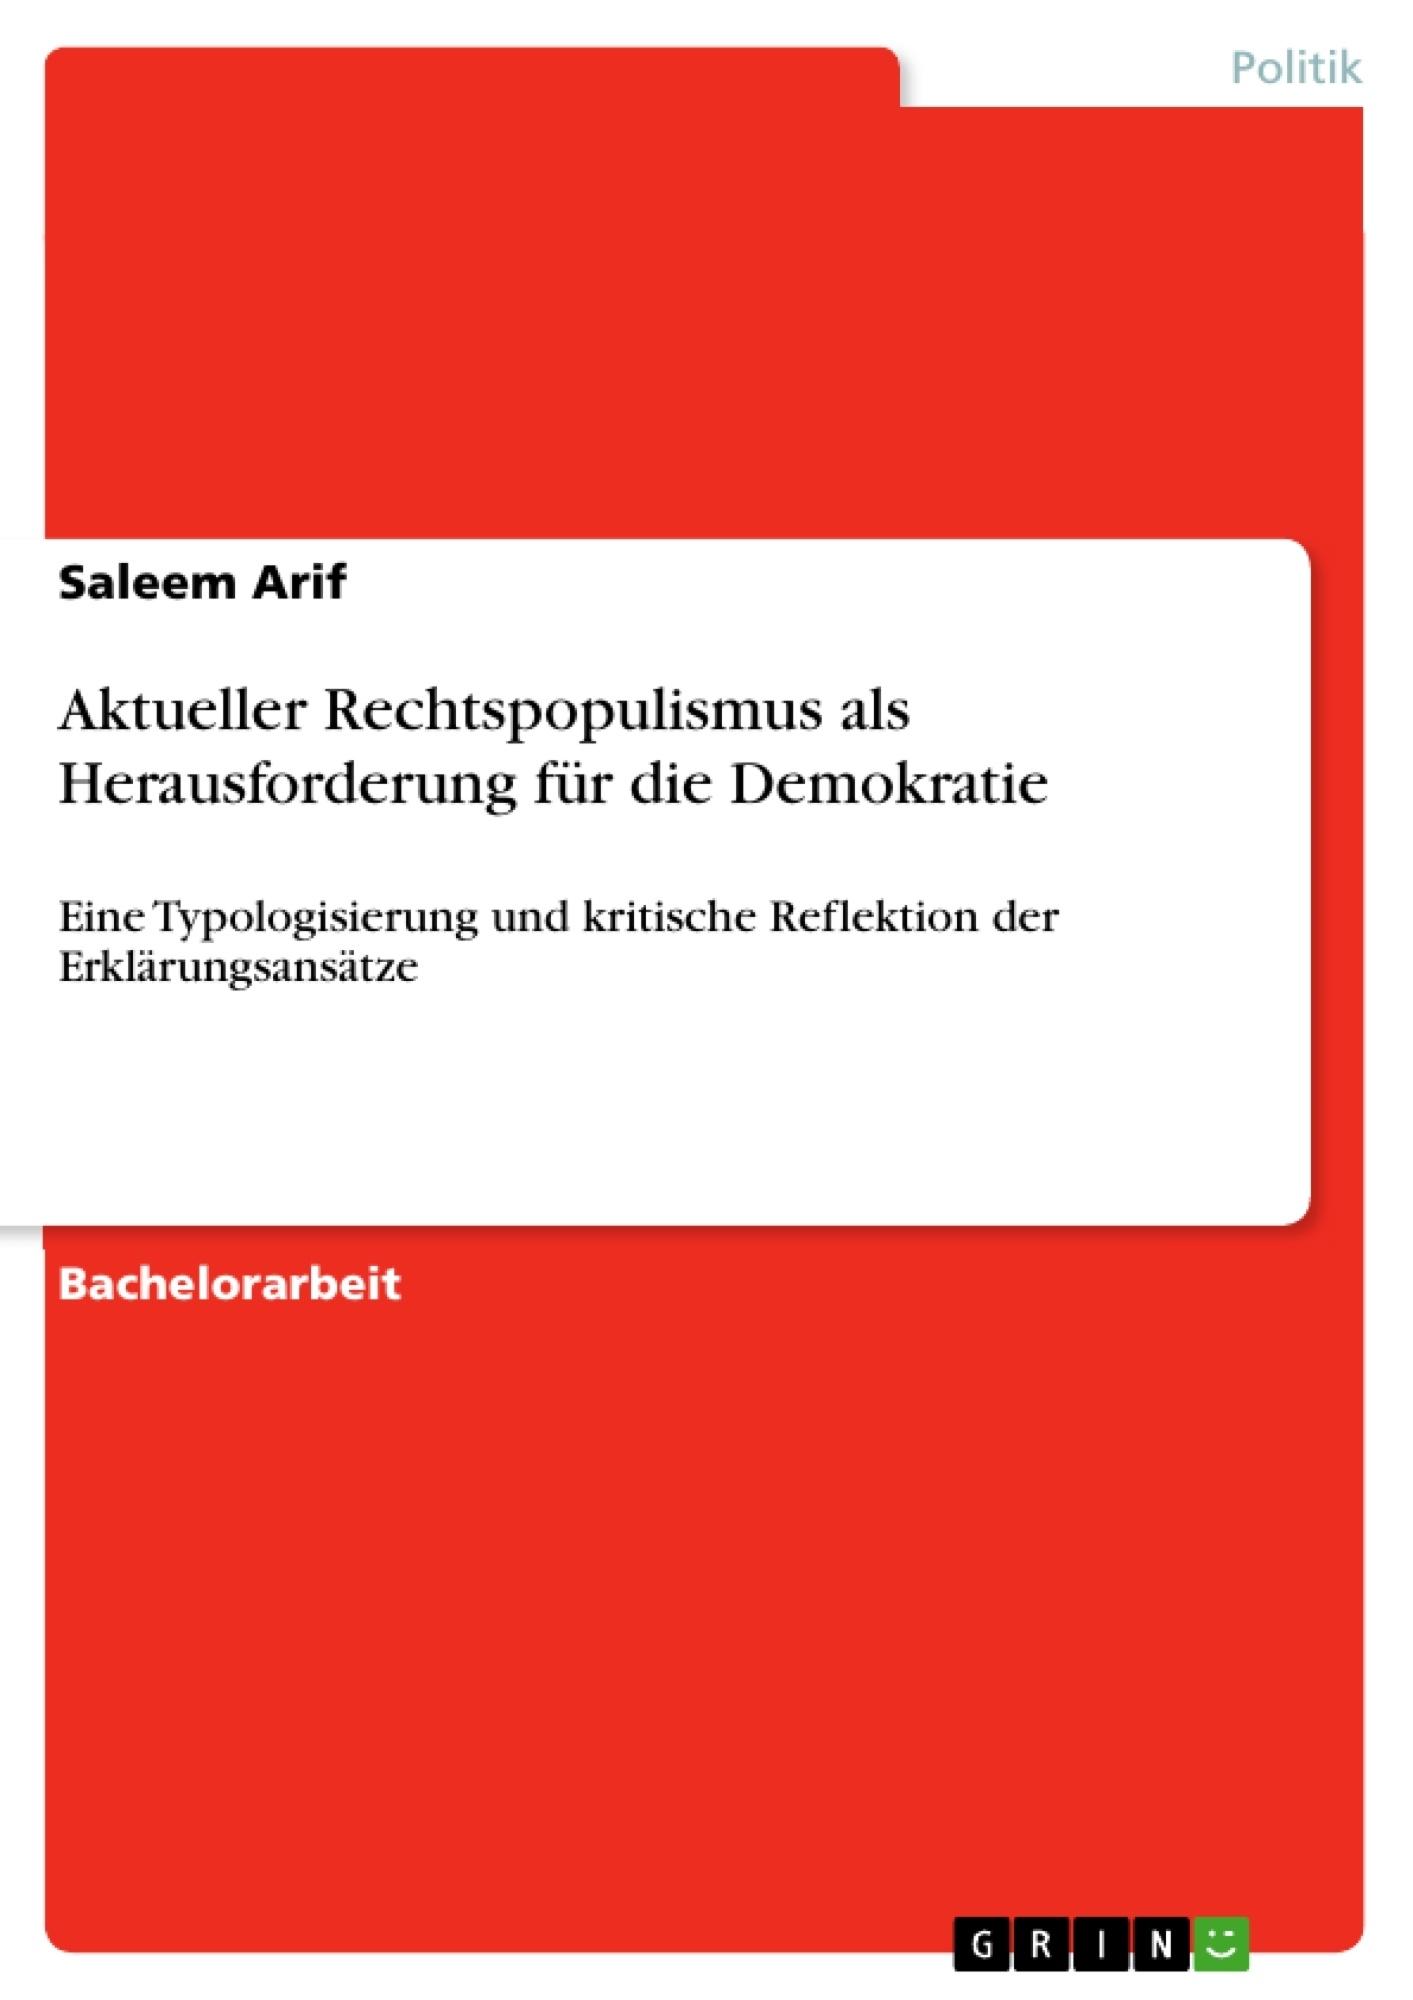 Titel: Aktueller Rechtspopulismus als Herausforderung für die Demokratie